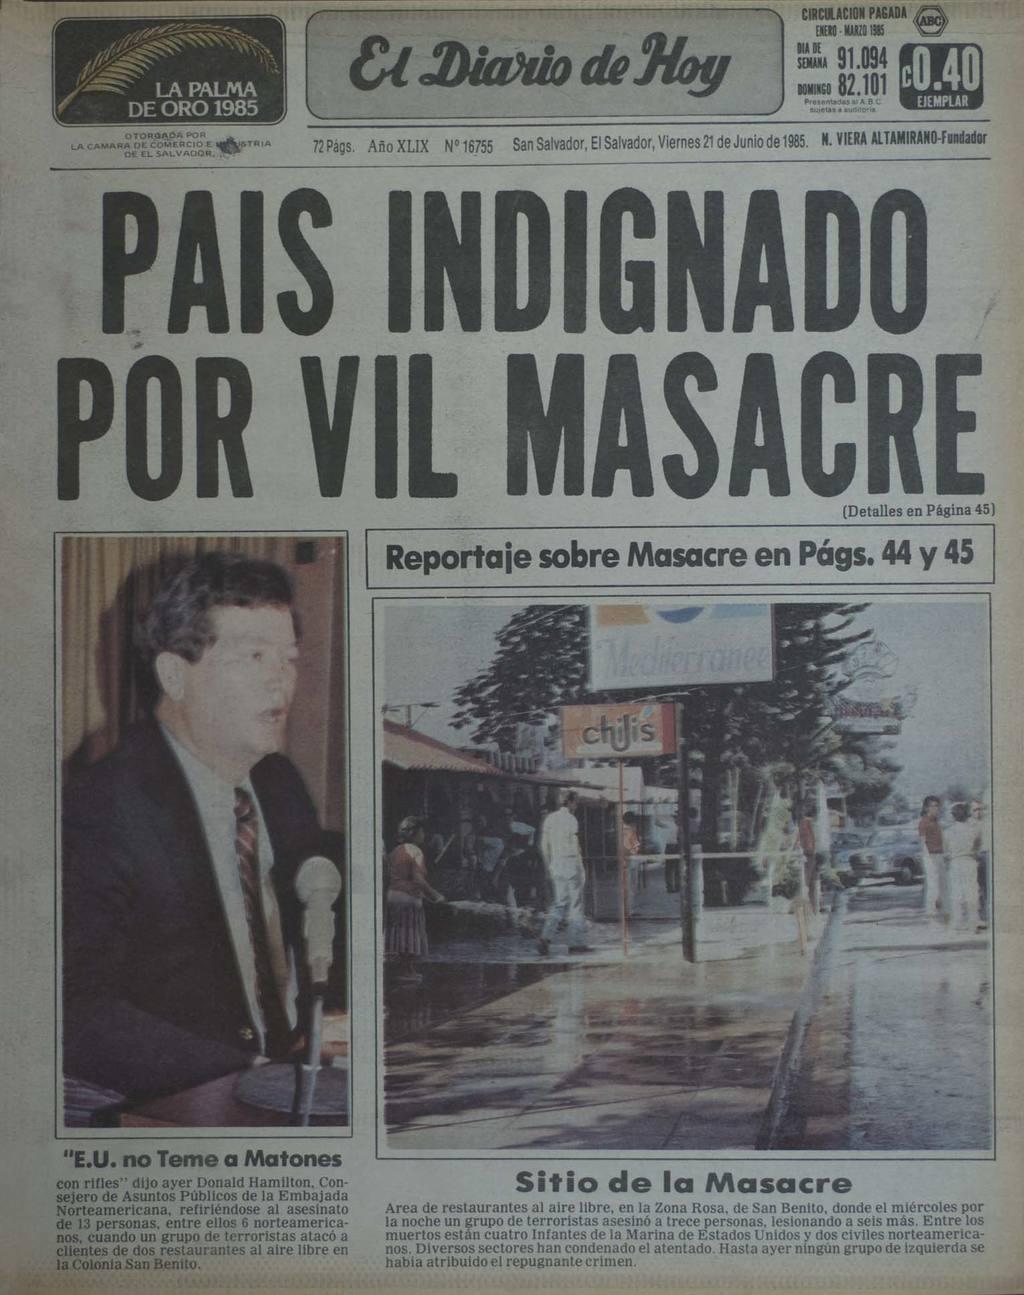 Los casos de  Lolotique y la Zona Rosa ocuparon la portada de los medios locales